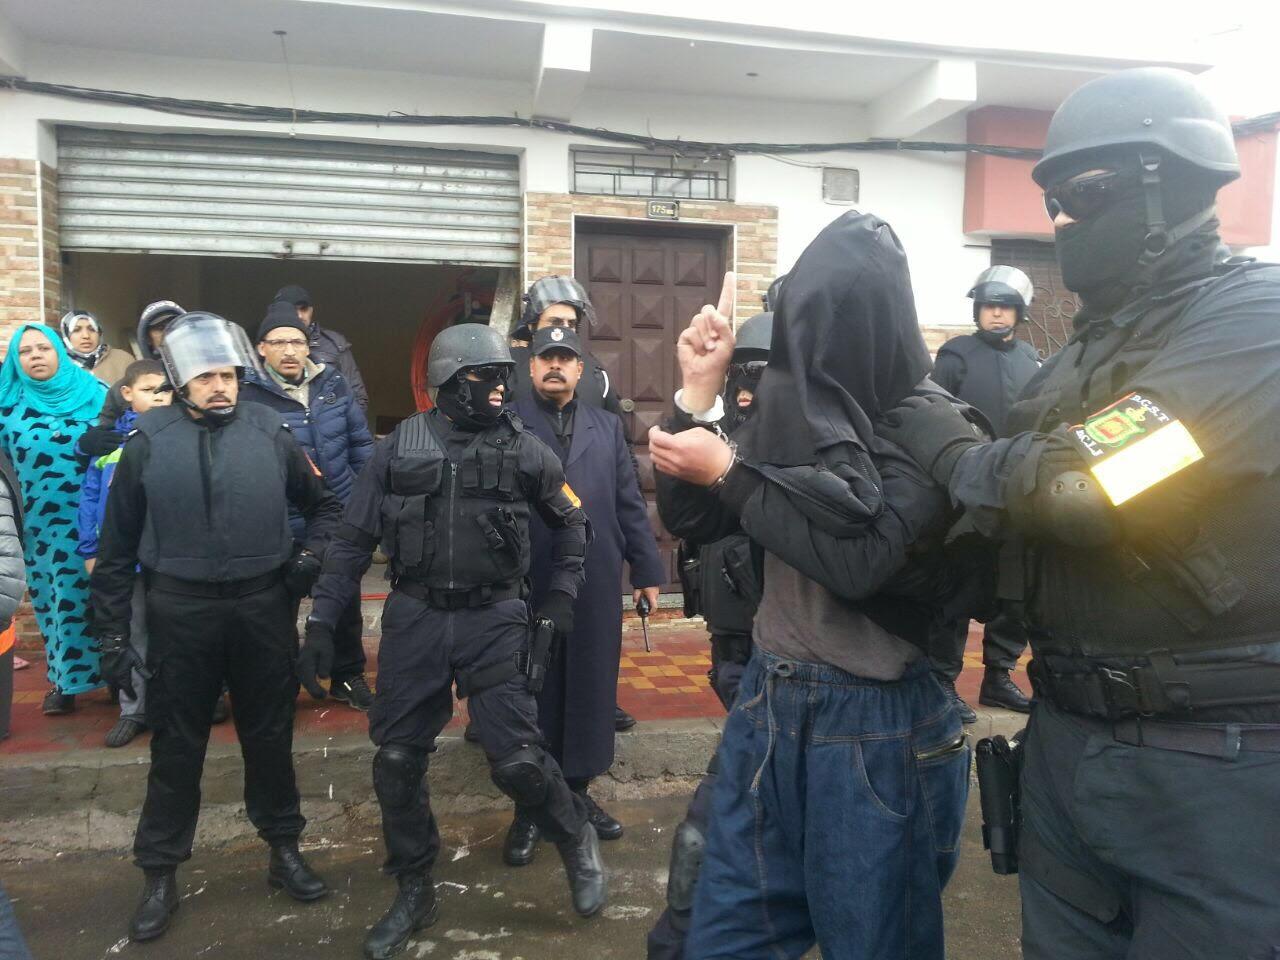 أمراء داعش المغاربة في الباي الباي.مقتل 8 قياديين من داعش جلهم مغاربة